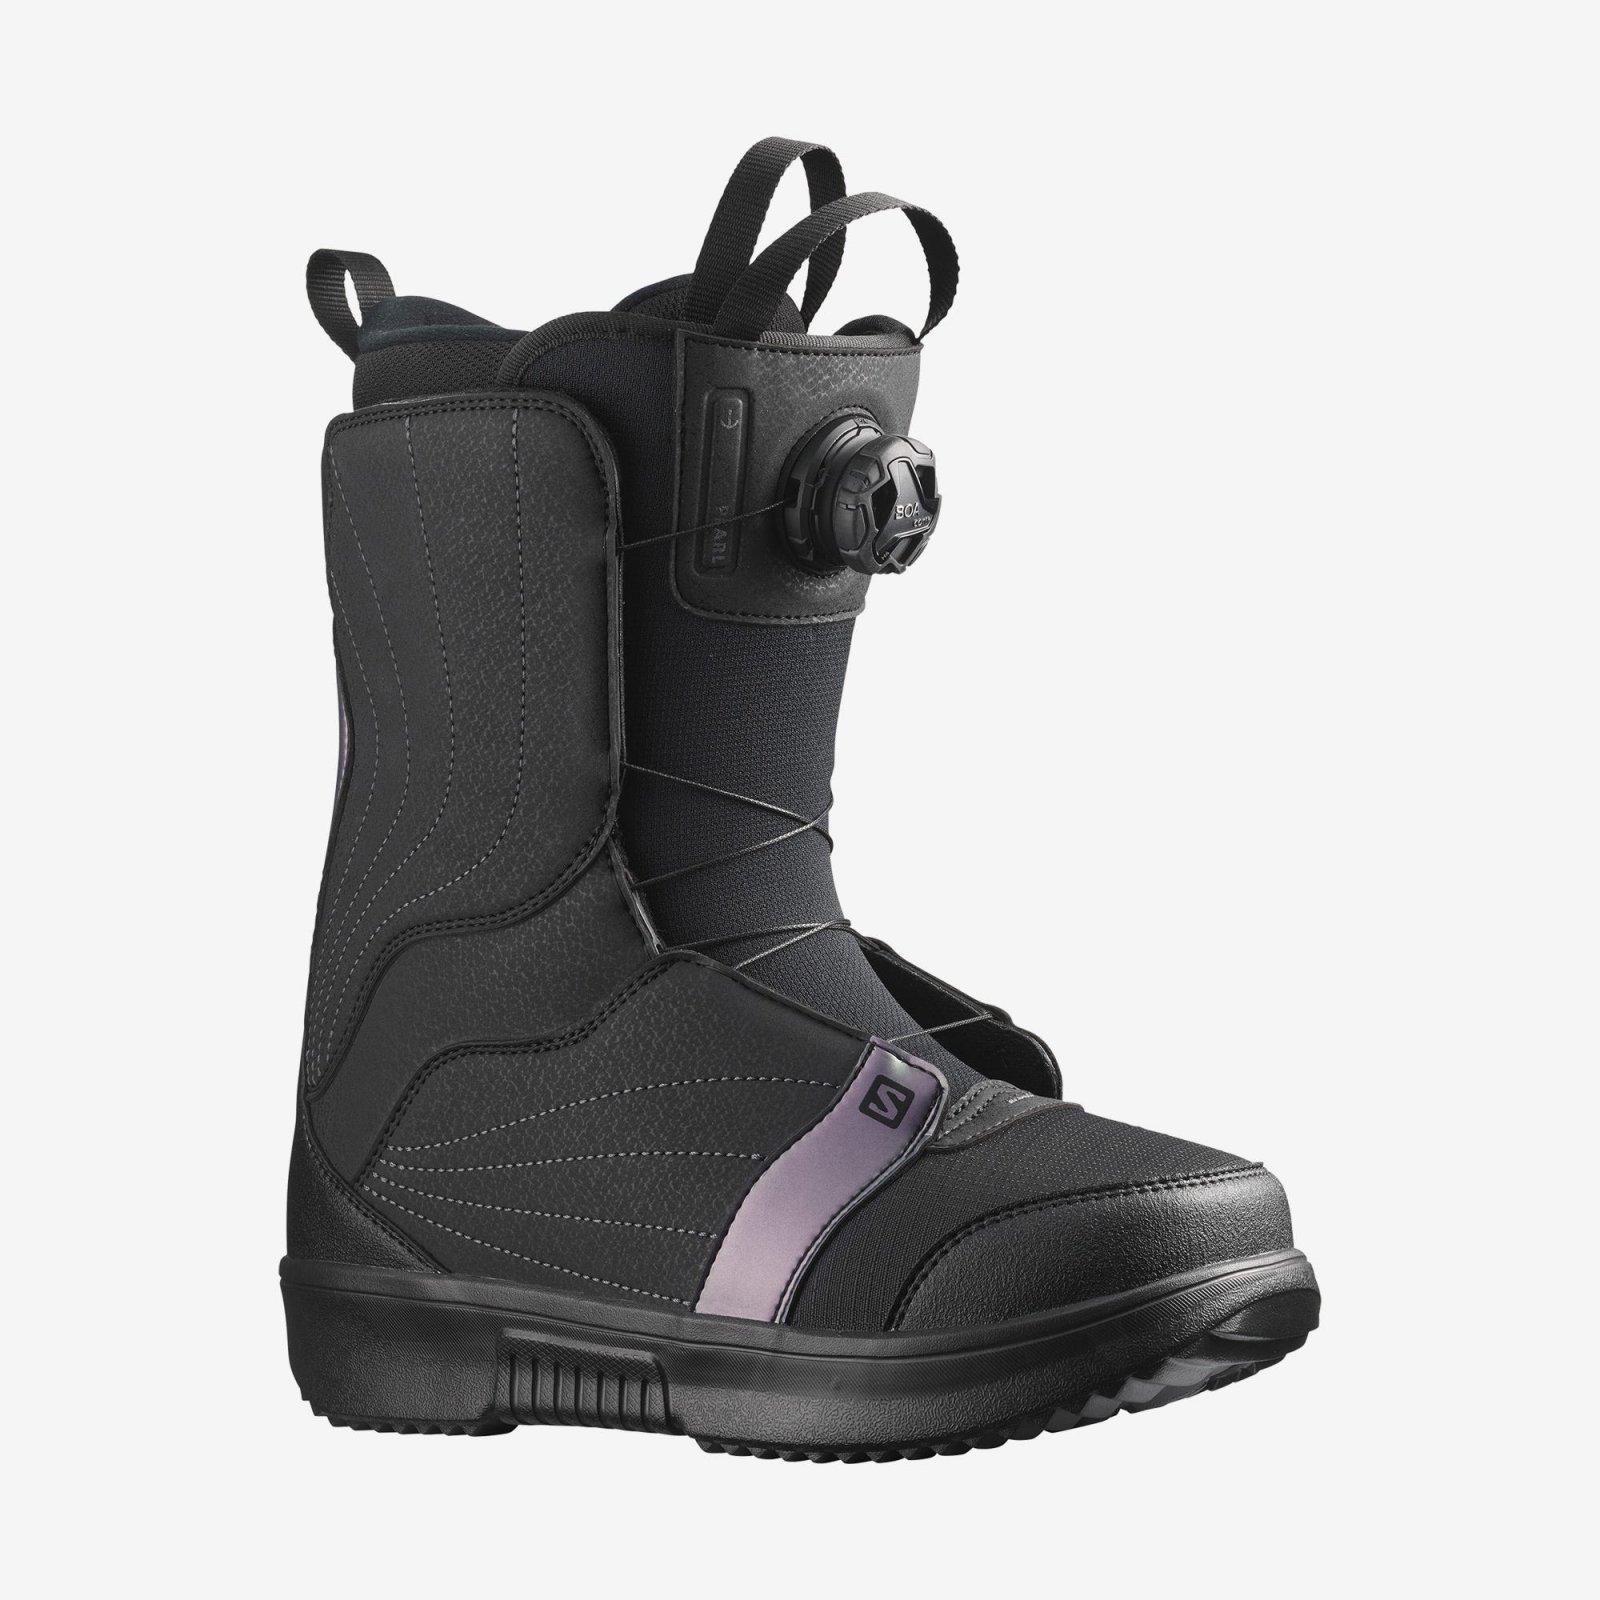 2022 Salomon Pearl BOA Women's Snowboard Boots